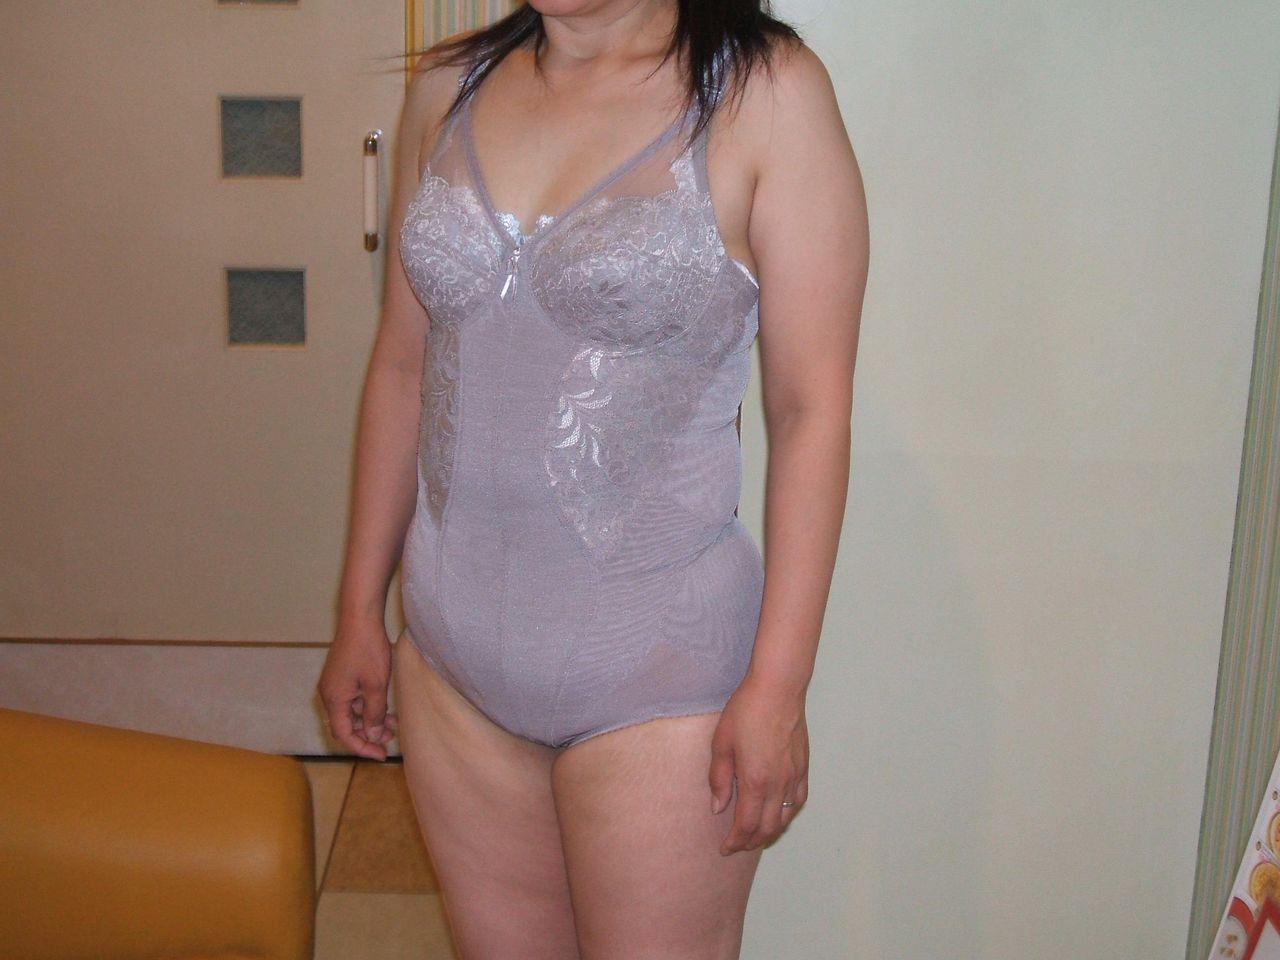 【素人投稿エロ画像】補正下着でだらしない体をカバーするおばさん達のまとめ